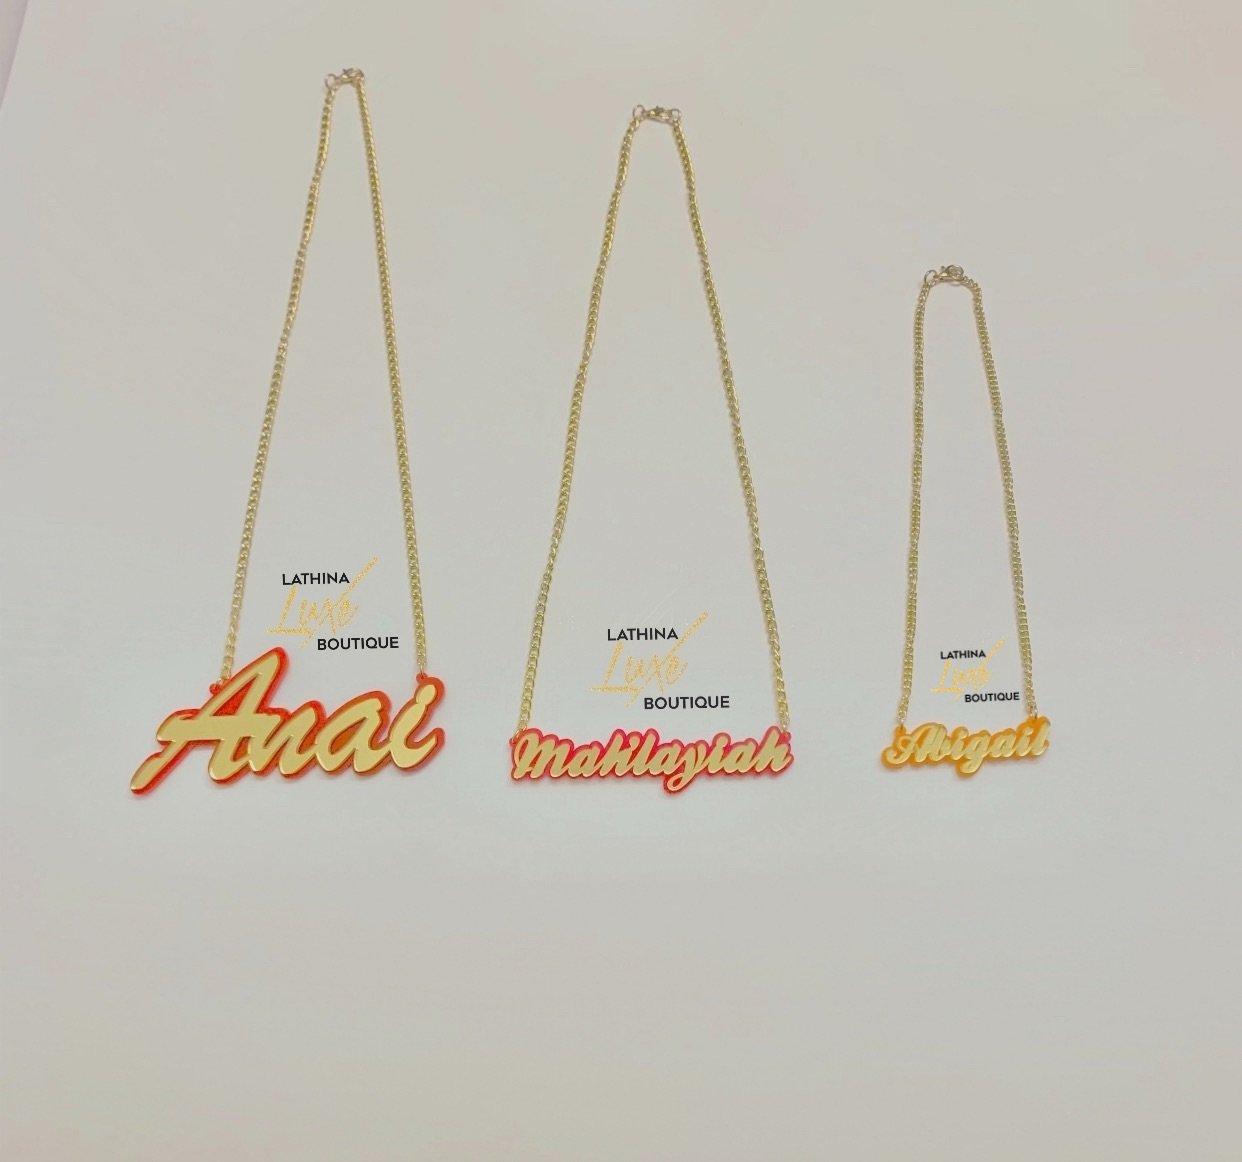 Image of Custom Acrylic Pendants